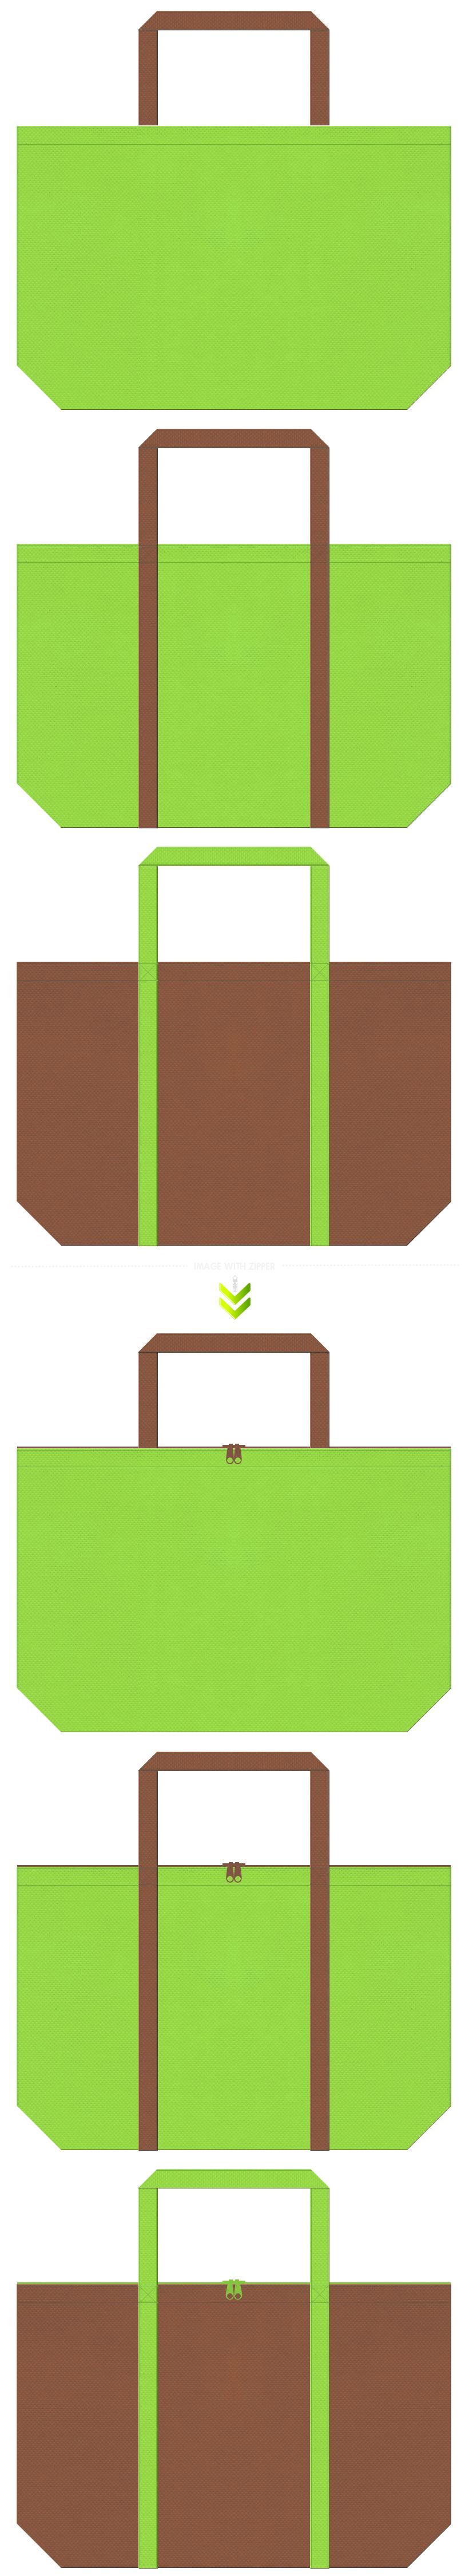 絵本・おとぎ話・森・ロールプレイングゲーム・環境・緑化推進・土の香り・産直市場・牧場・酪農・野菜・種苗・畑・田・肥料・農業・ガーデニング・園芸・エコバッグにお奨めの不織布バッグデザイン:黄緑色と茶色のコーデ